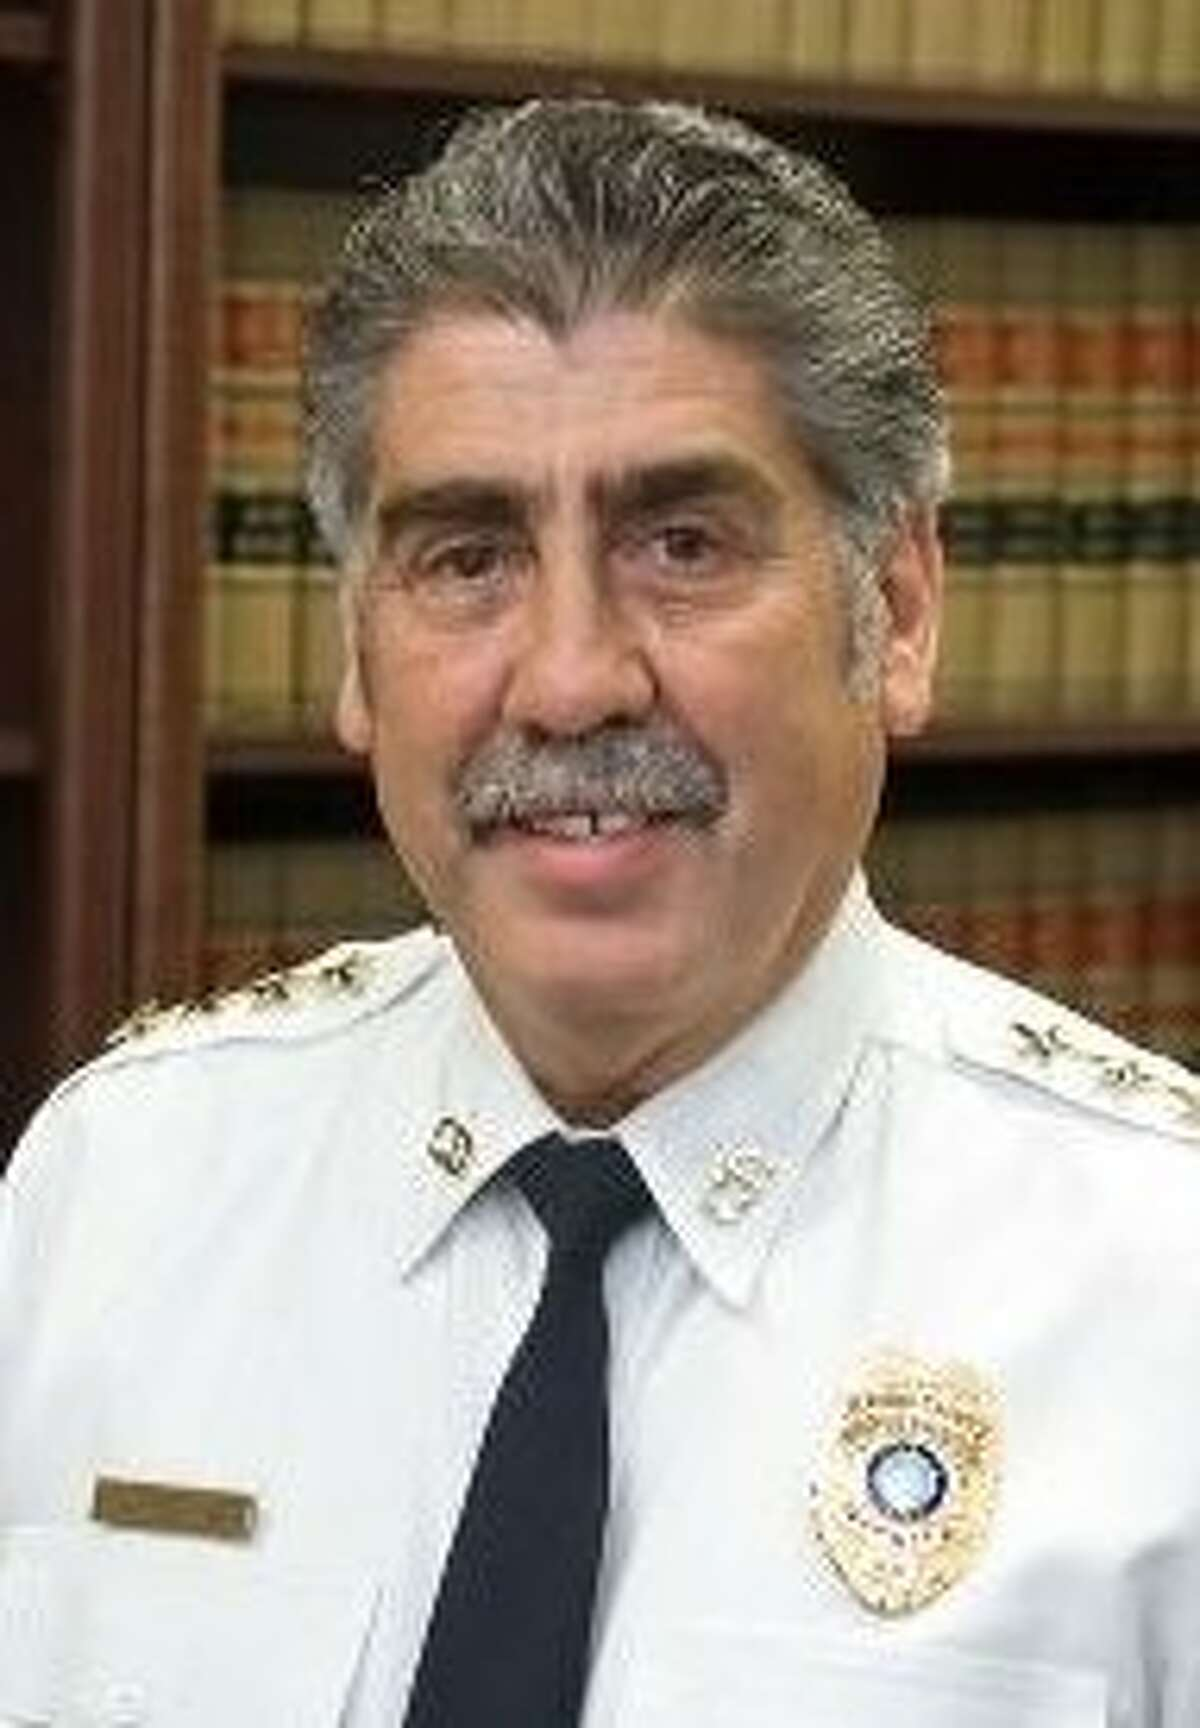 Harris County Precinct 6 Constable Victor Trevino